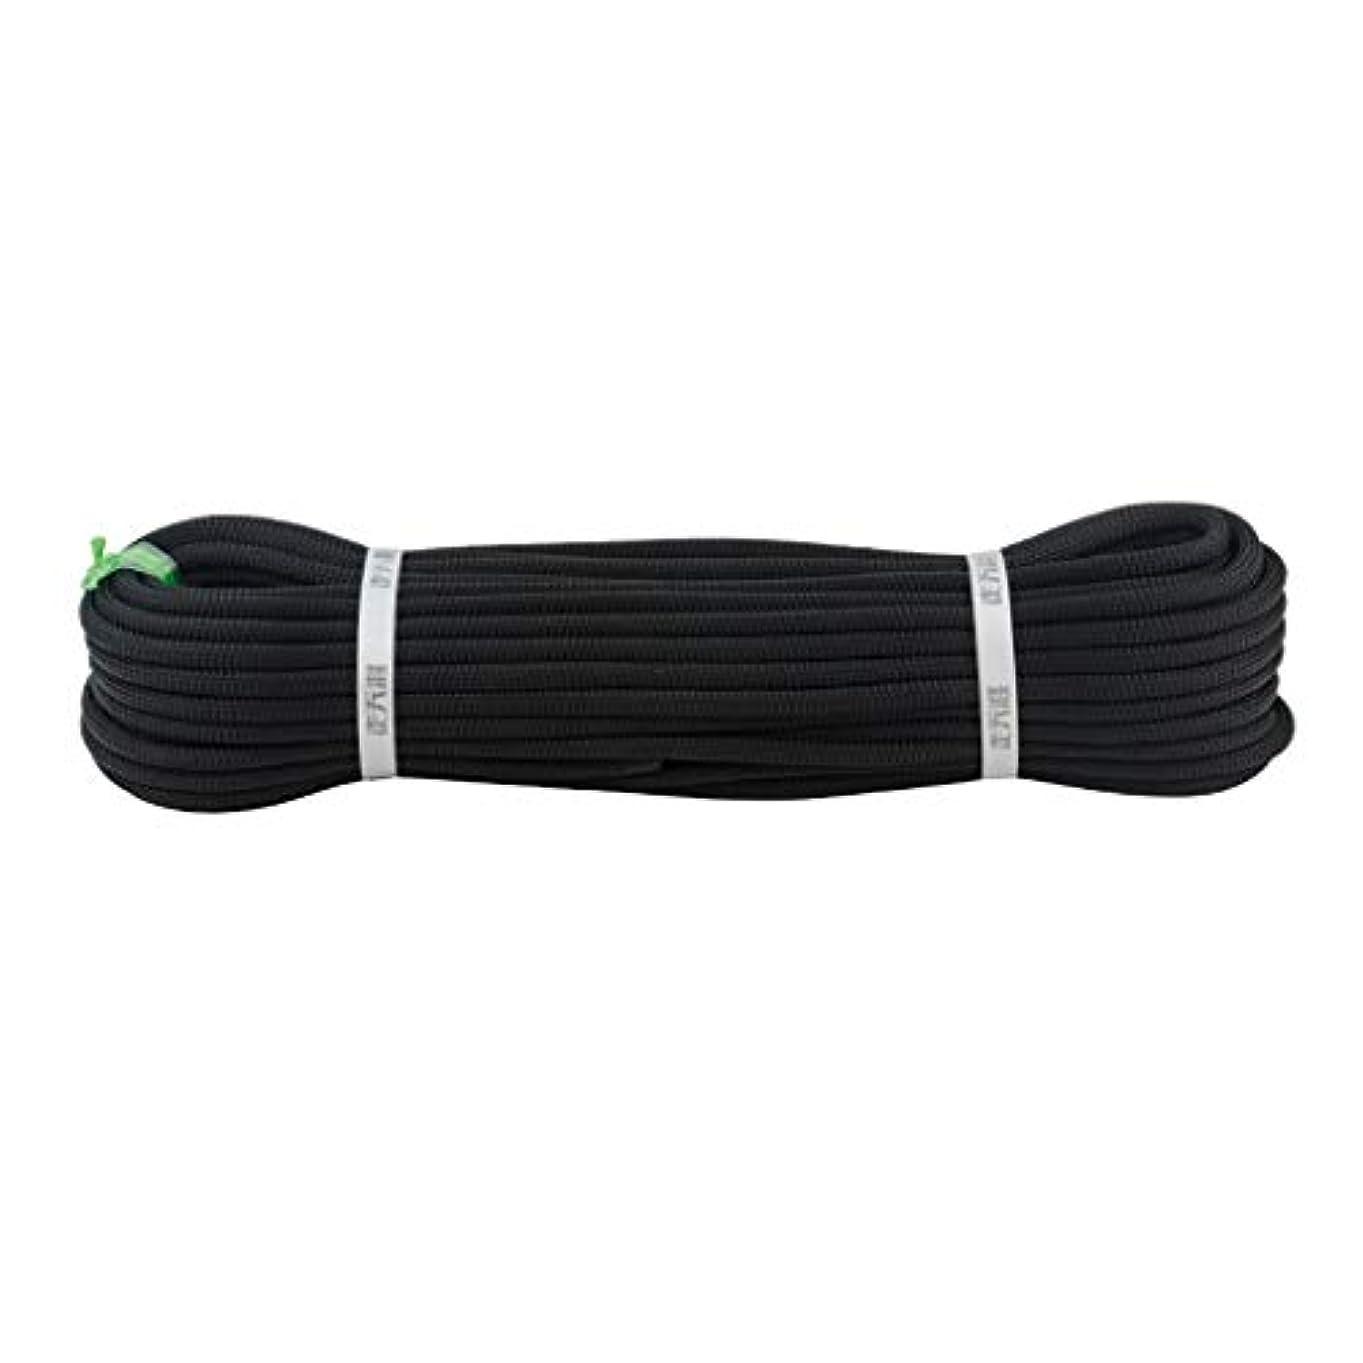 嘆く時期尚早宮殿KTYXDE クライミングロープスタティックロープナイロンロープ空中作業ロープ直径11/12/14 mm黒 クライミングロープ (Size : 12mm 10m)